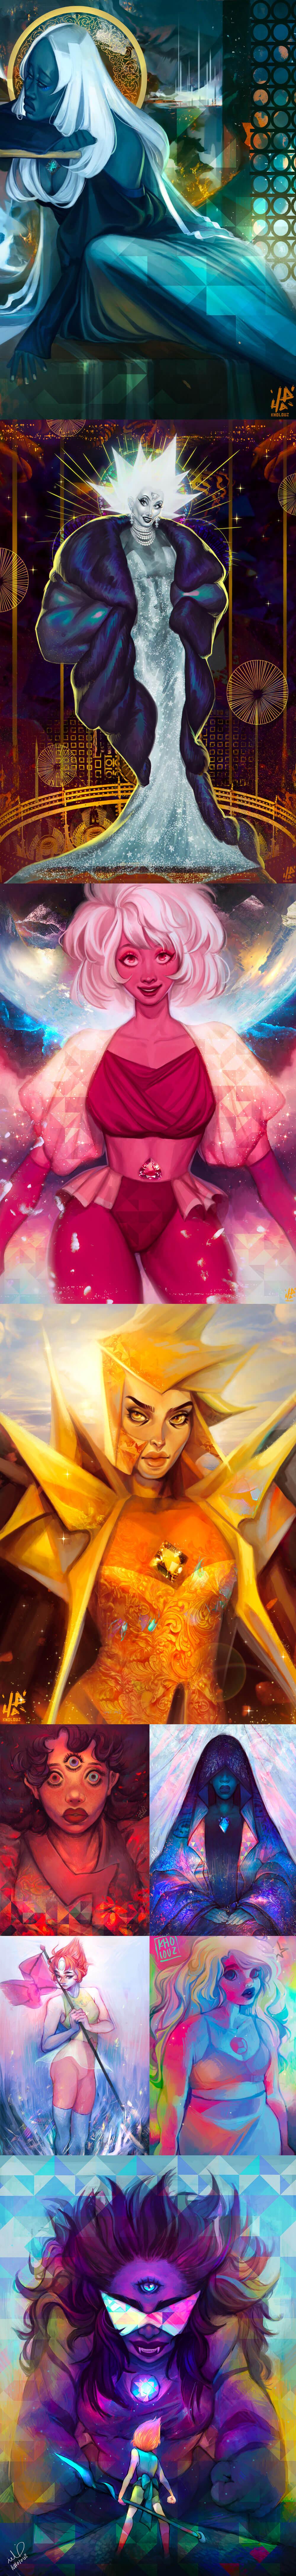 Steven Universe Fan Art by Kholoud Al-Ejily